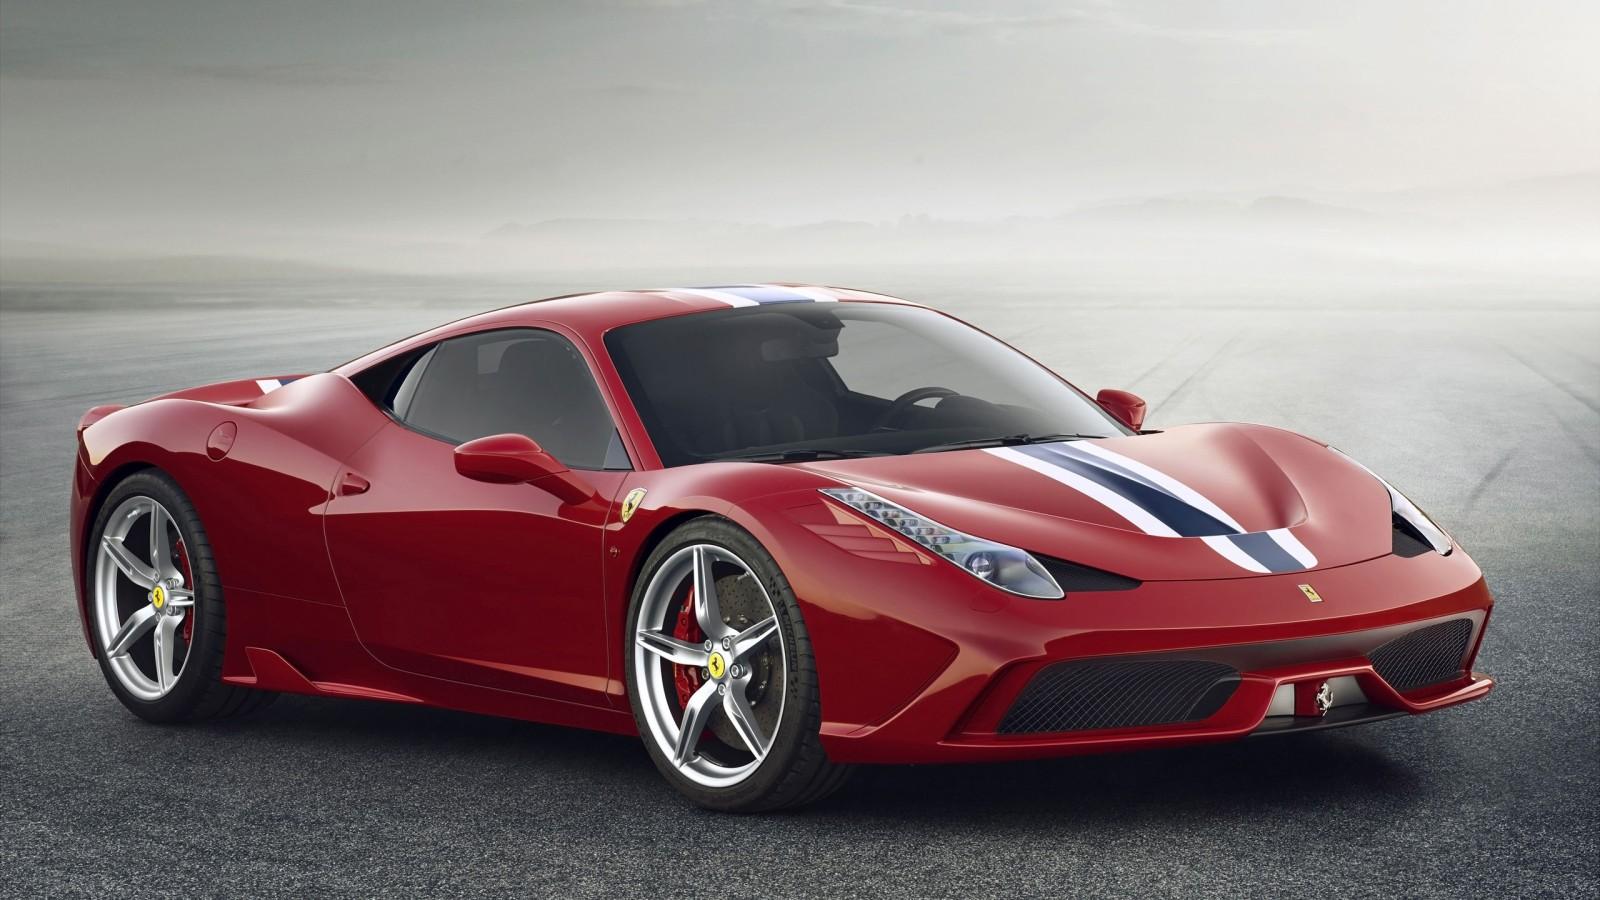 2014 Ferrari 458 Speciale Wallpaper | HD Car Wallpapers